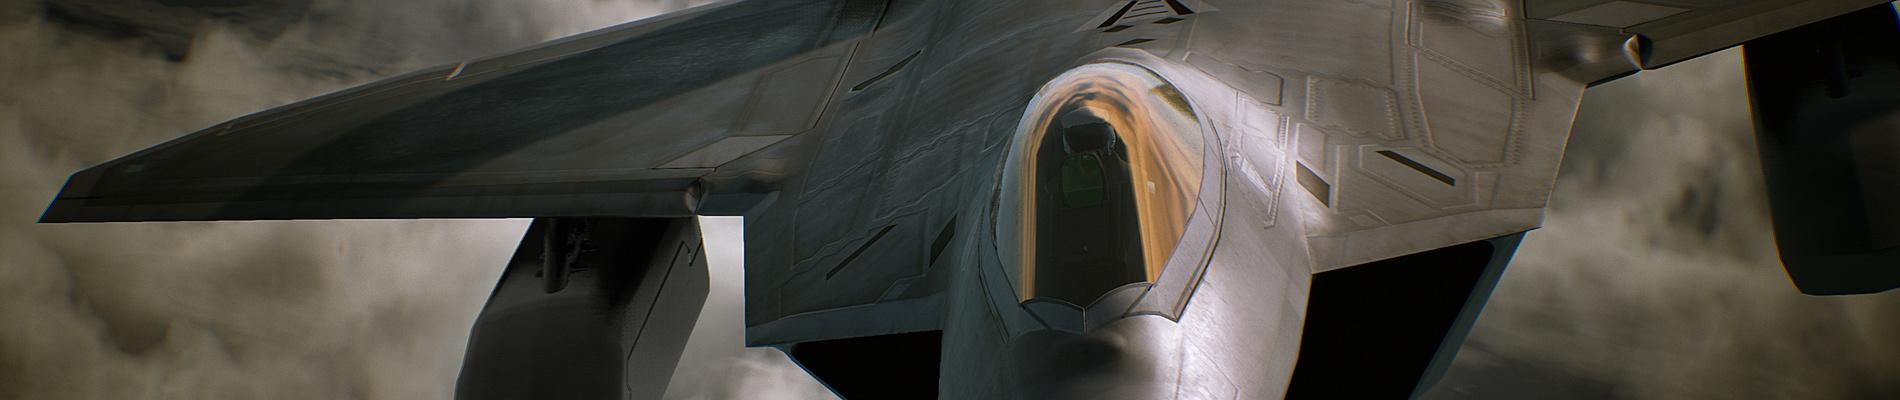 聊聊《皇牌空战7》新预告片里的各种细节